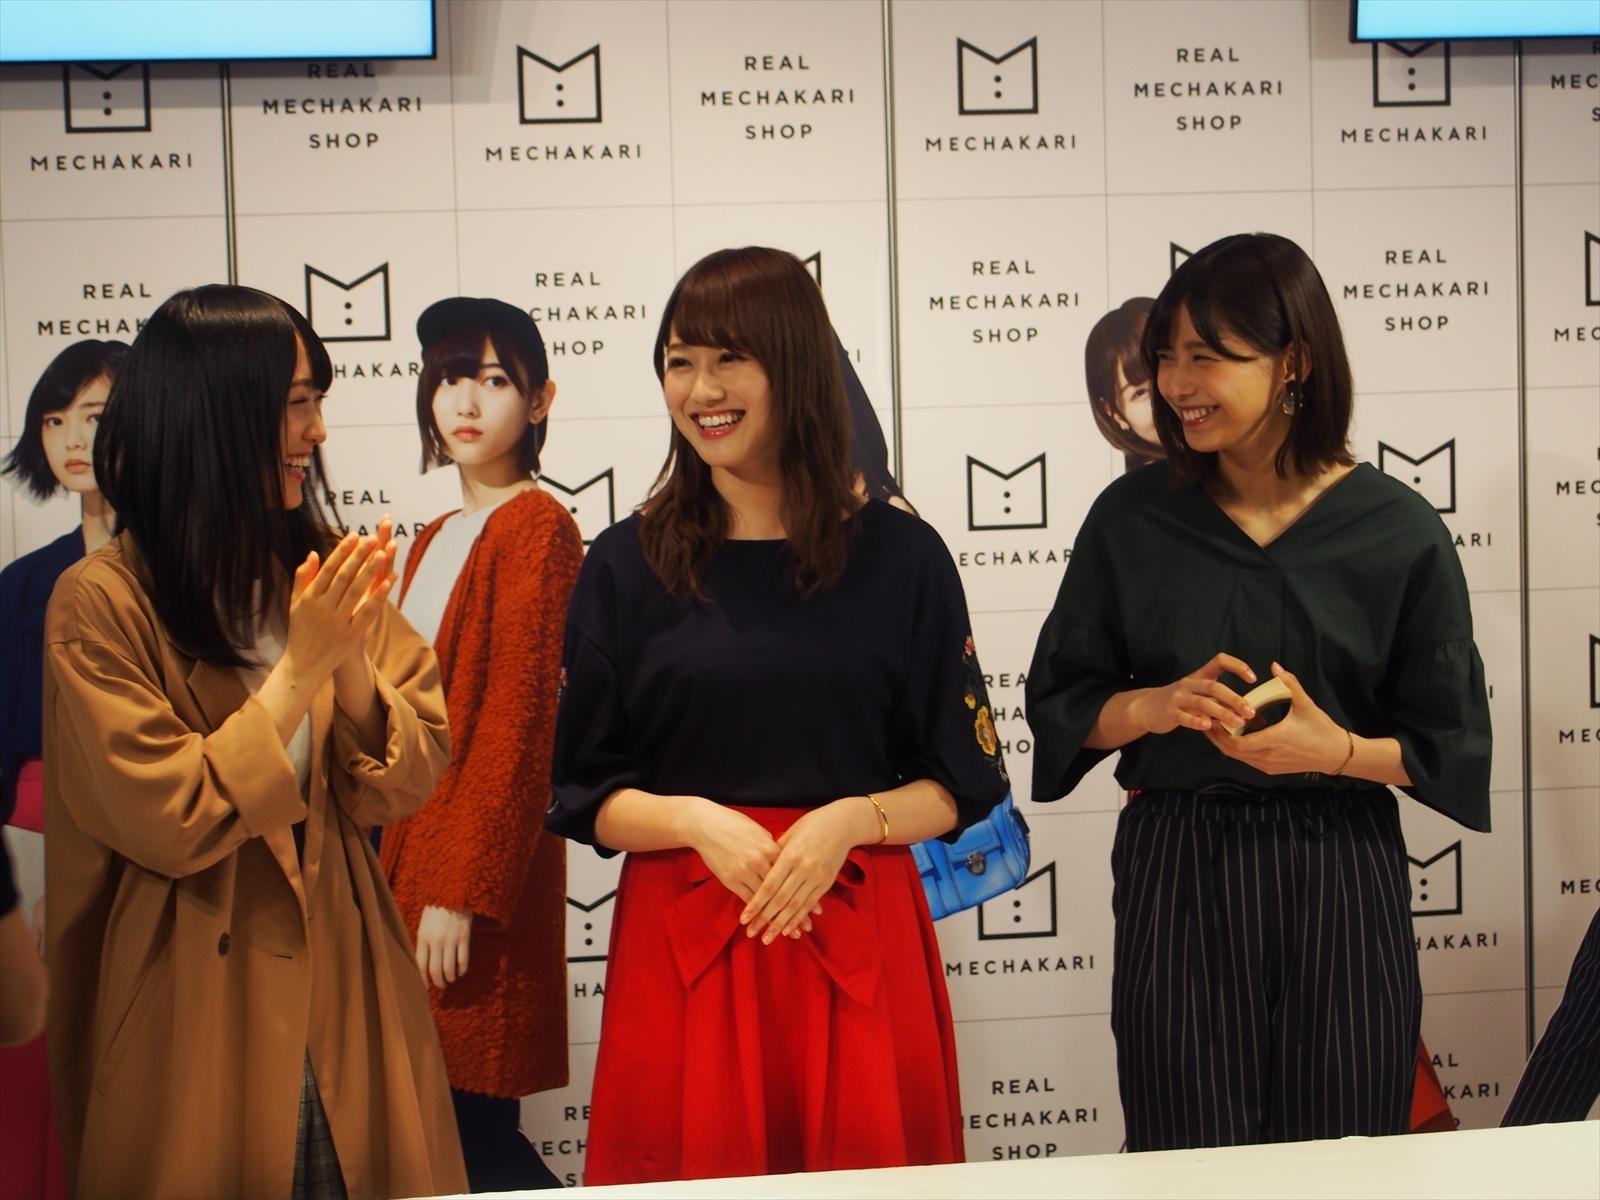 欅坂46が来店!もちろん理佐も♡ 「メチャカリ」初のリアルSHOPがオープン_1_2-3